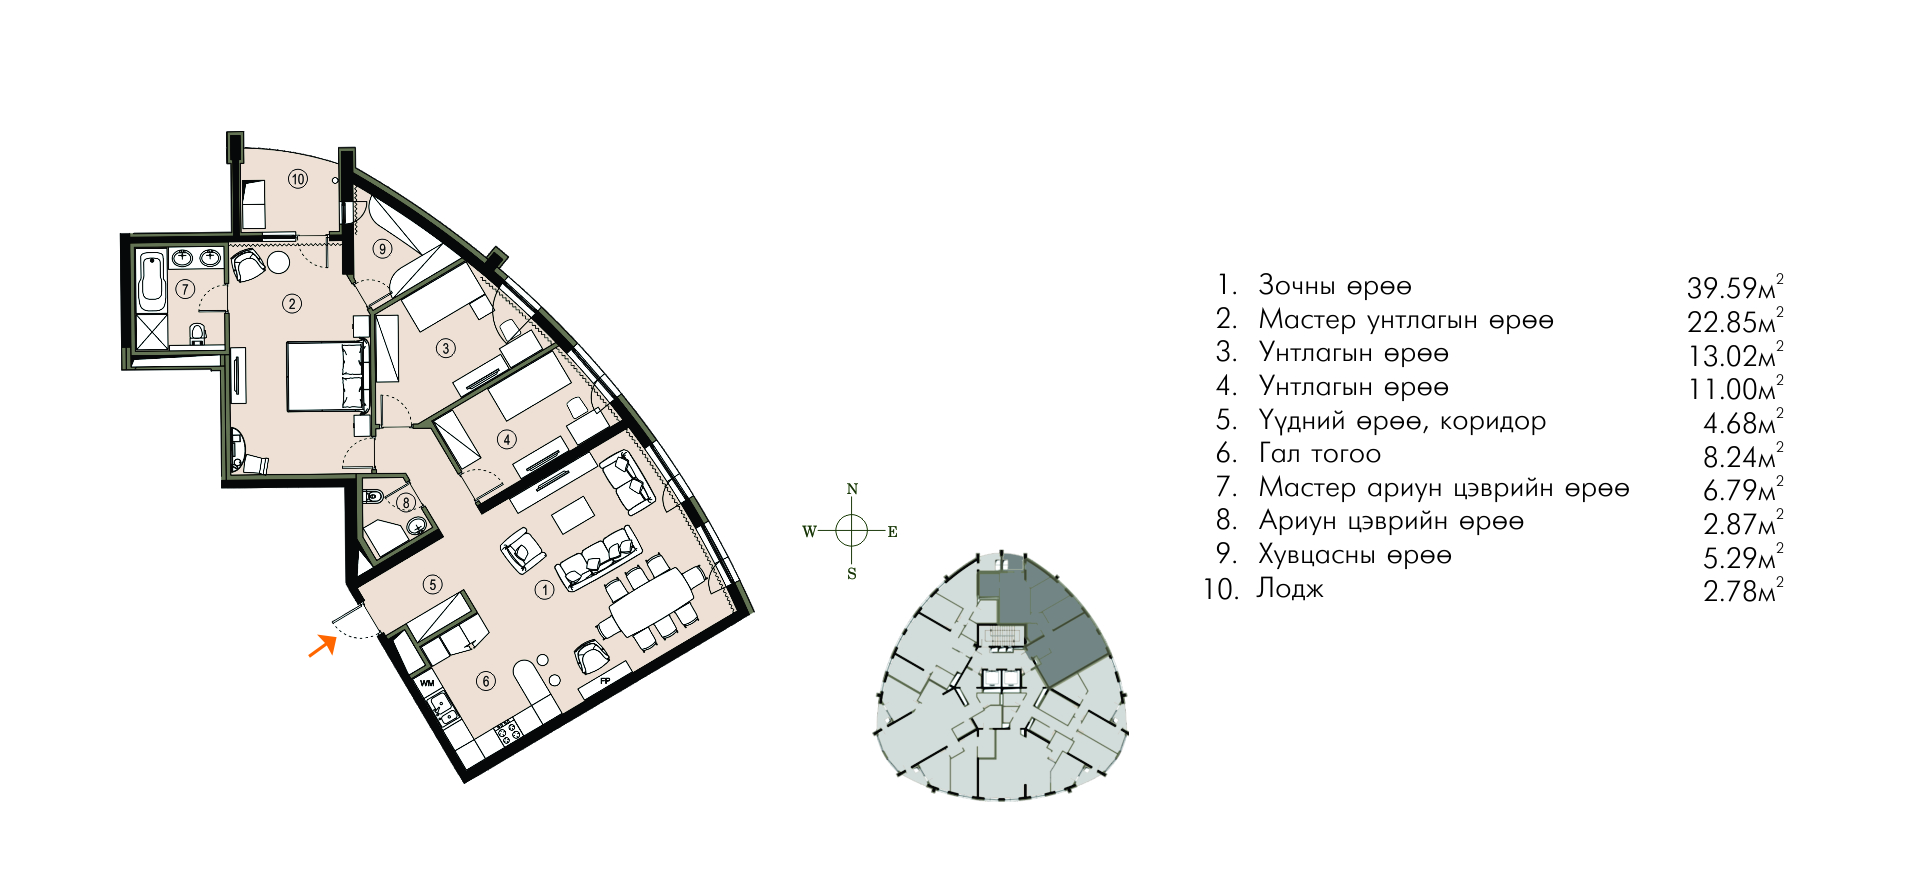 Ривер Гарден хотхон нэгдсэн төлөвлөлт ногоон байгууламж 123М2